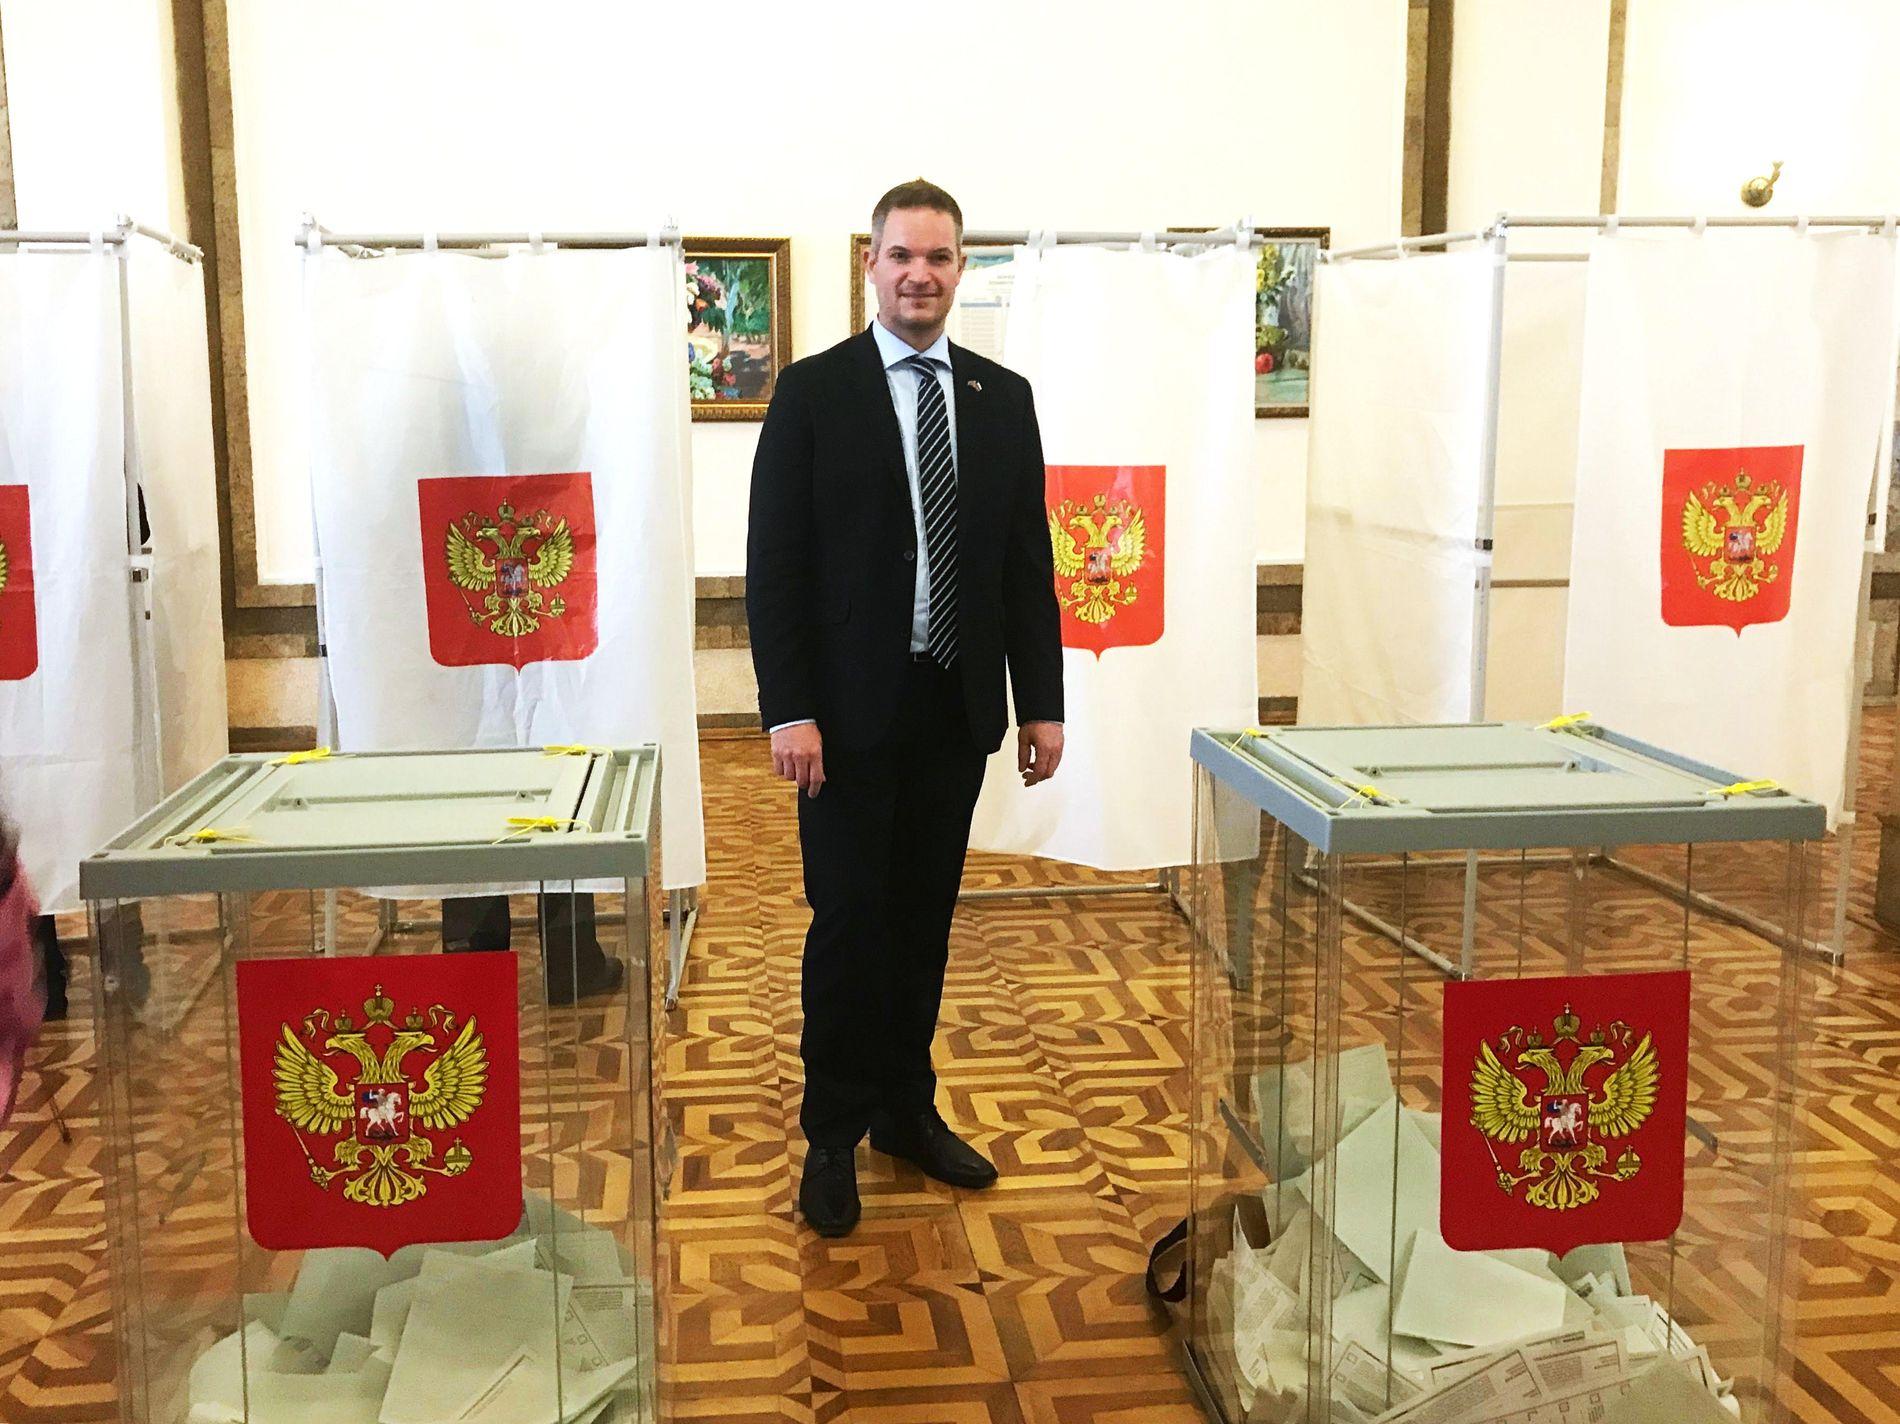 RUSSISK VALG: Leder i foreningen Folkediplomati Norge fotografert i et valglokale på Krim under det russiske presidentvalget søndag.